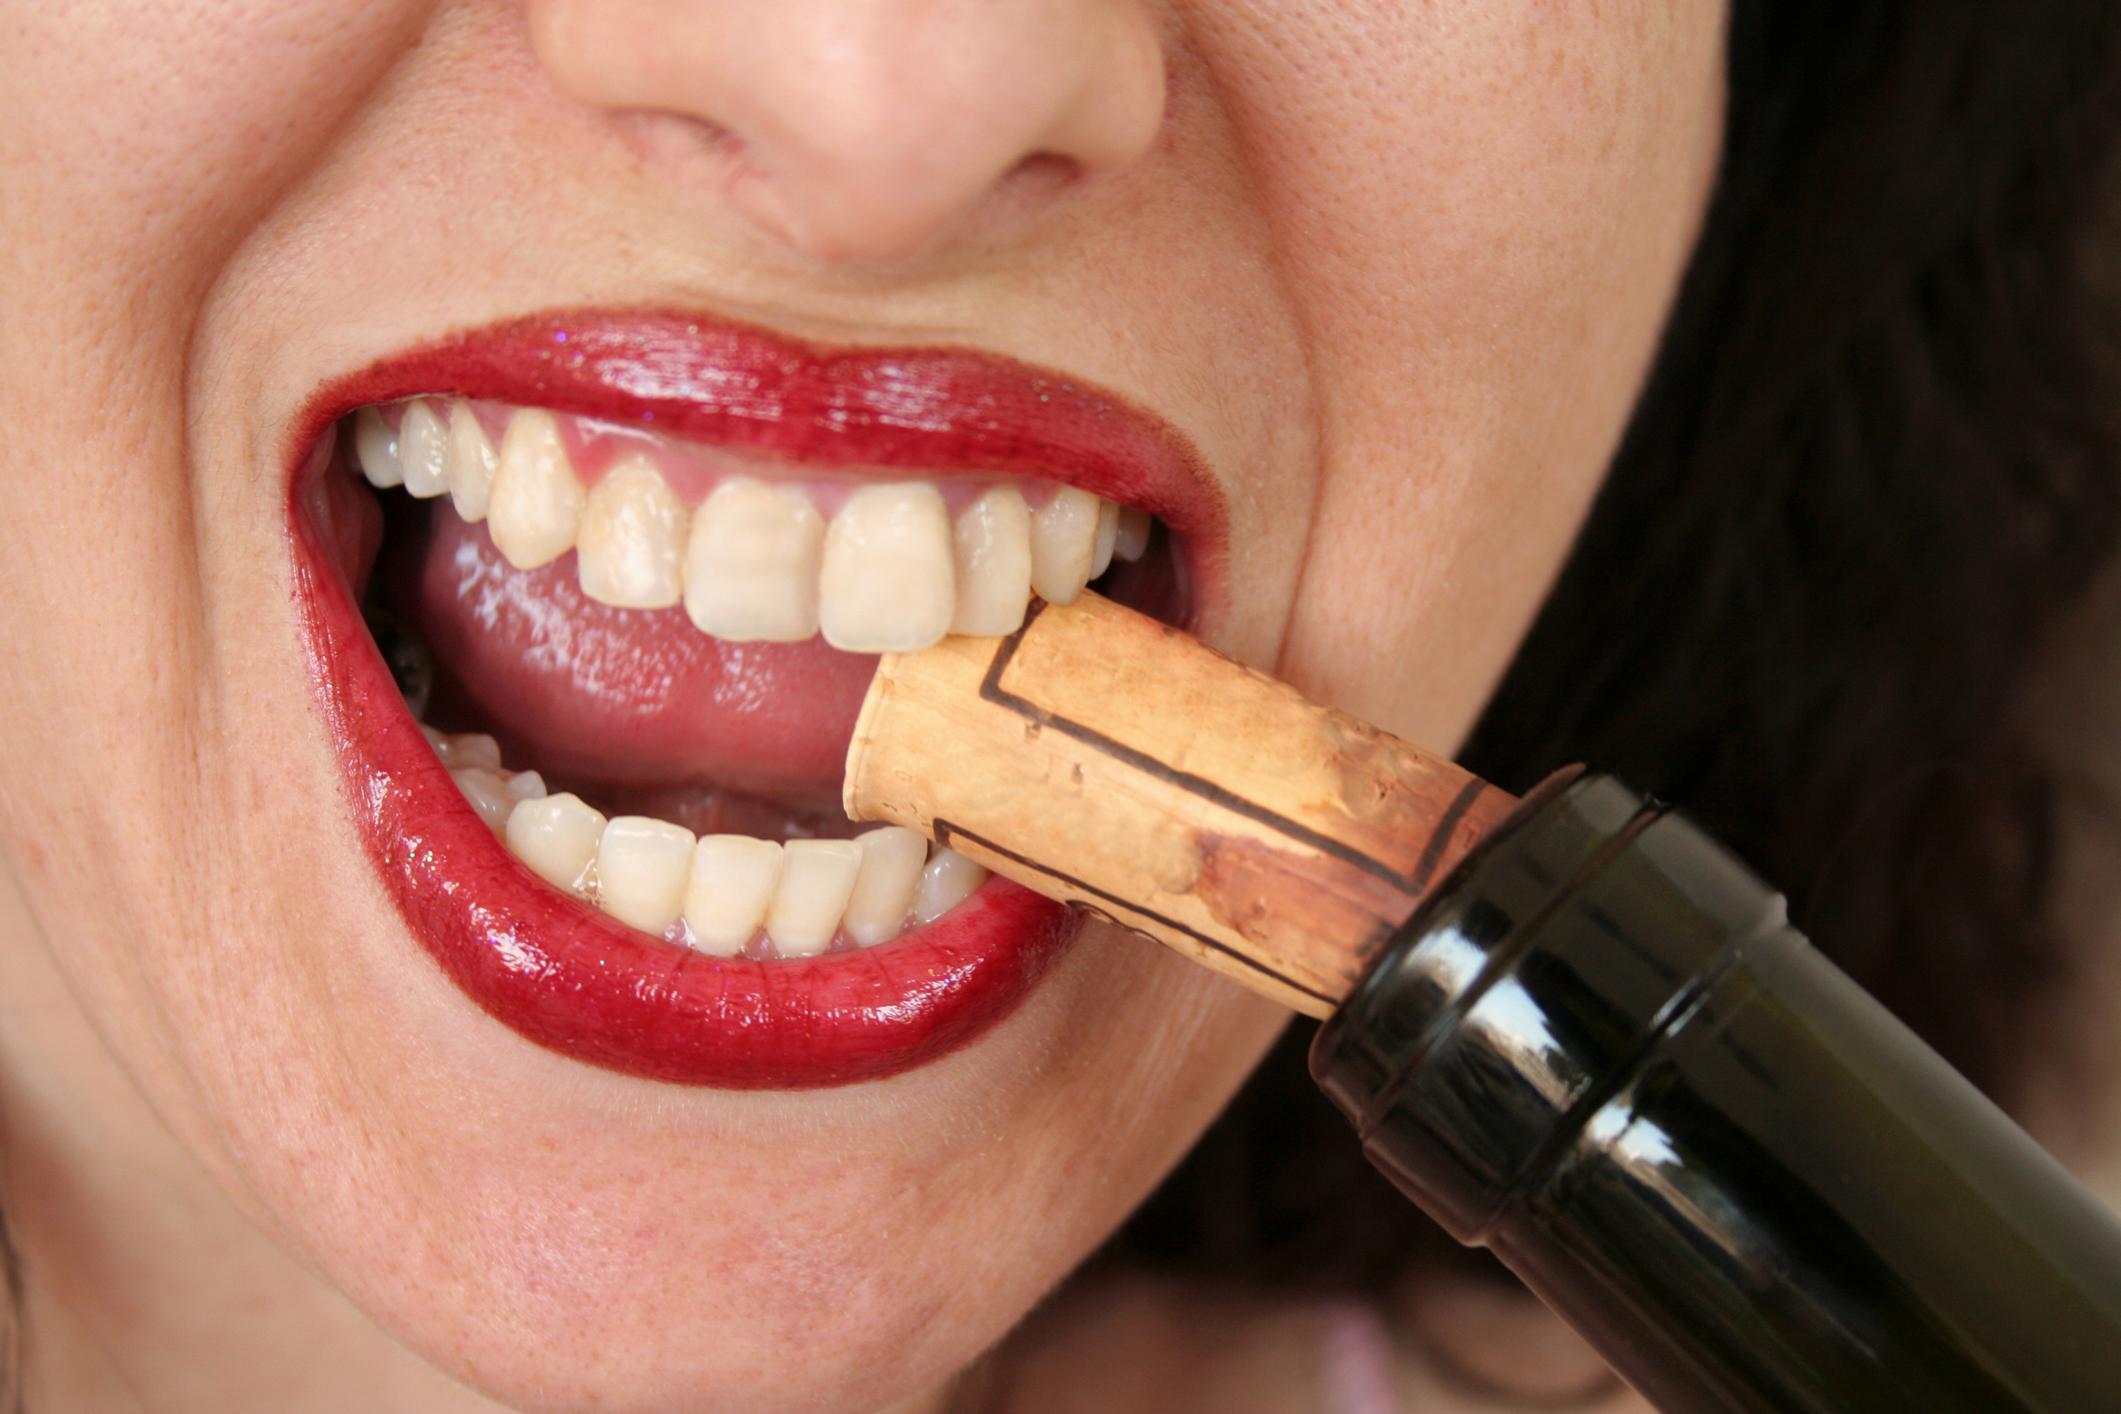 девушка открывает зубами пробку вина, скачать фото